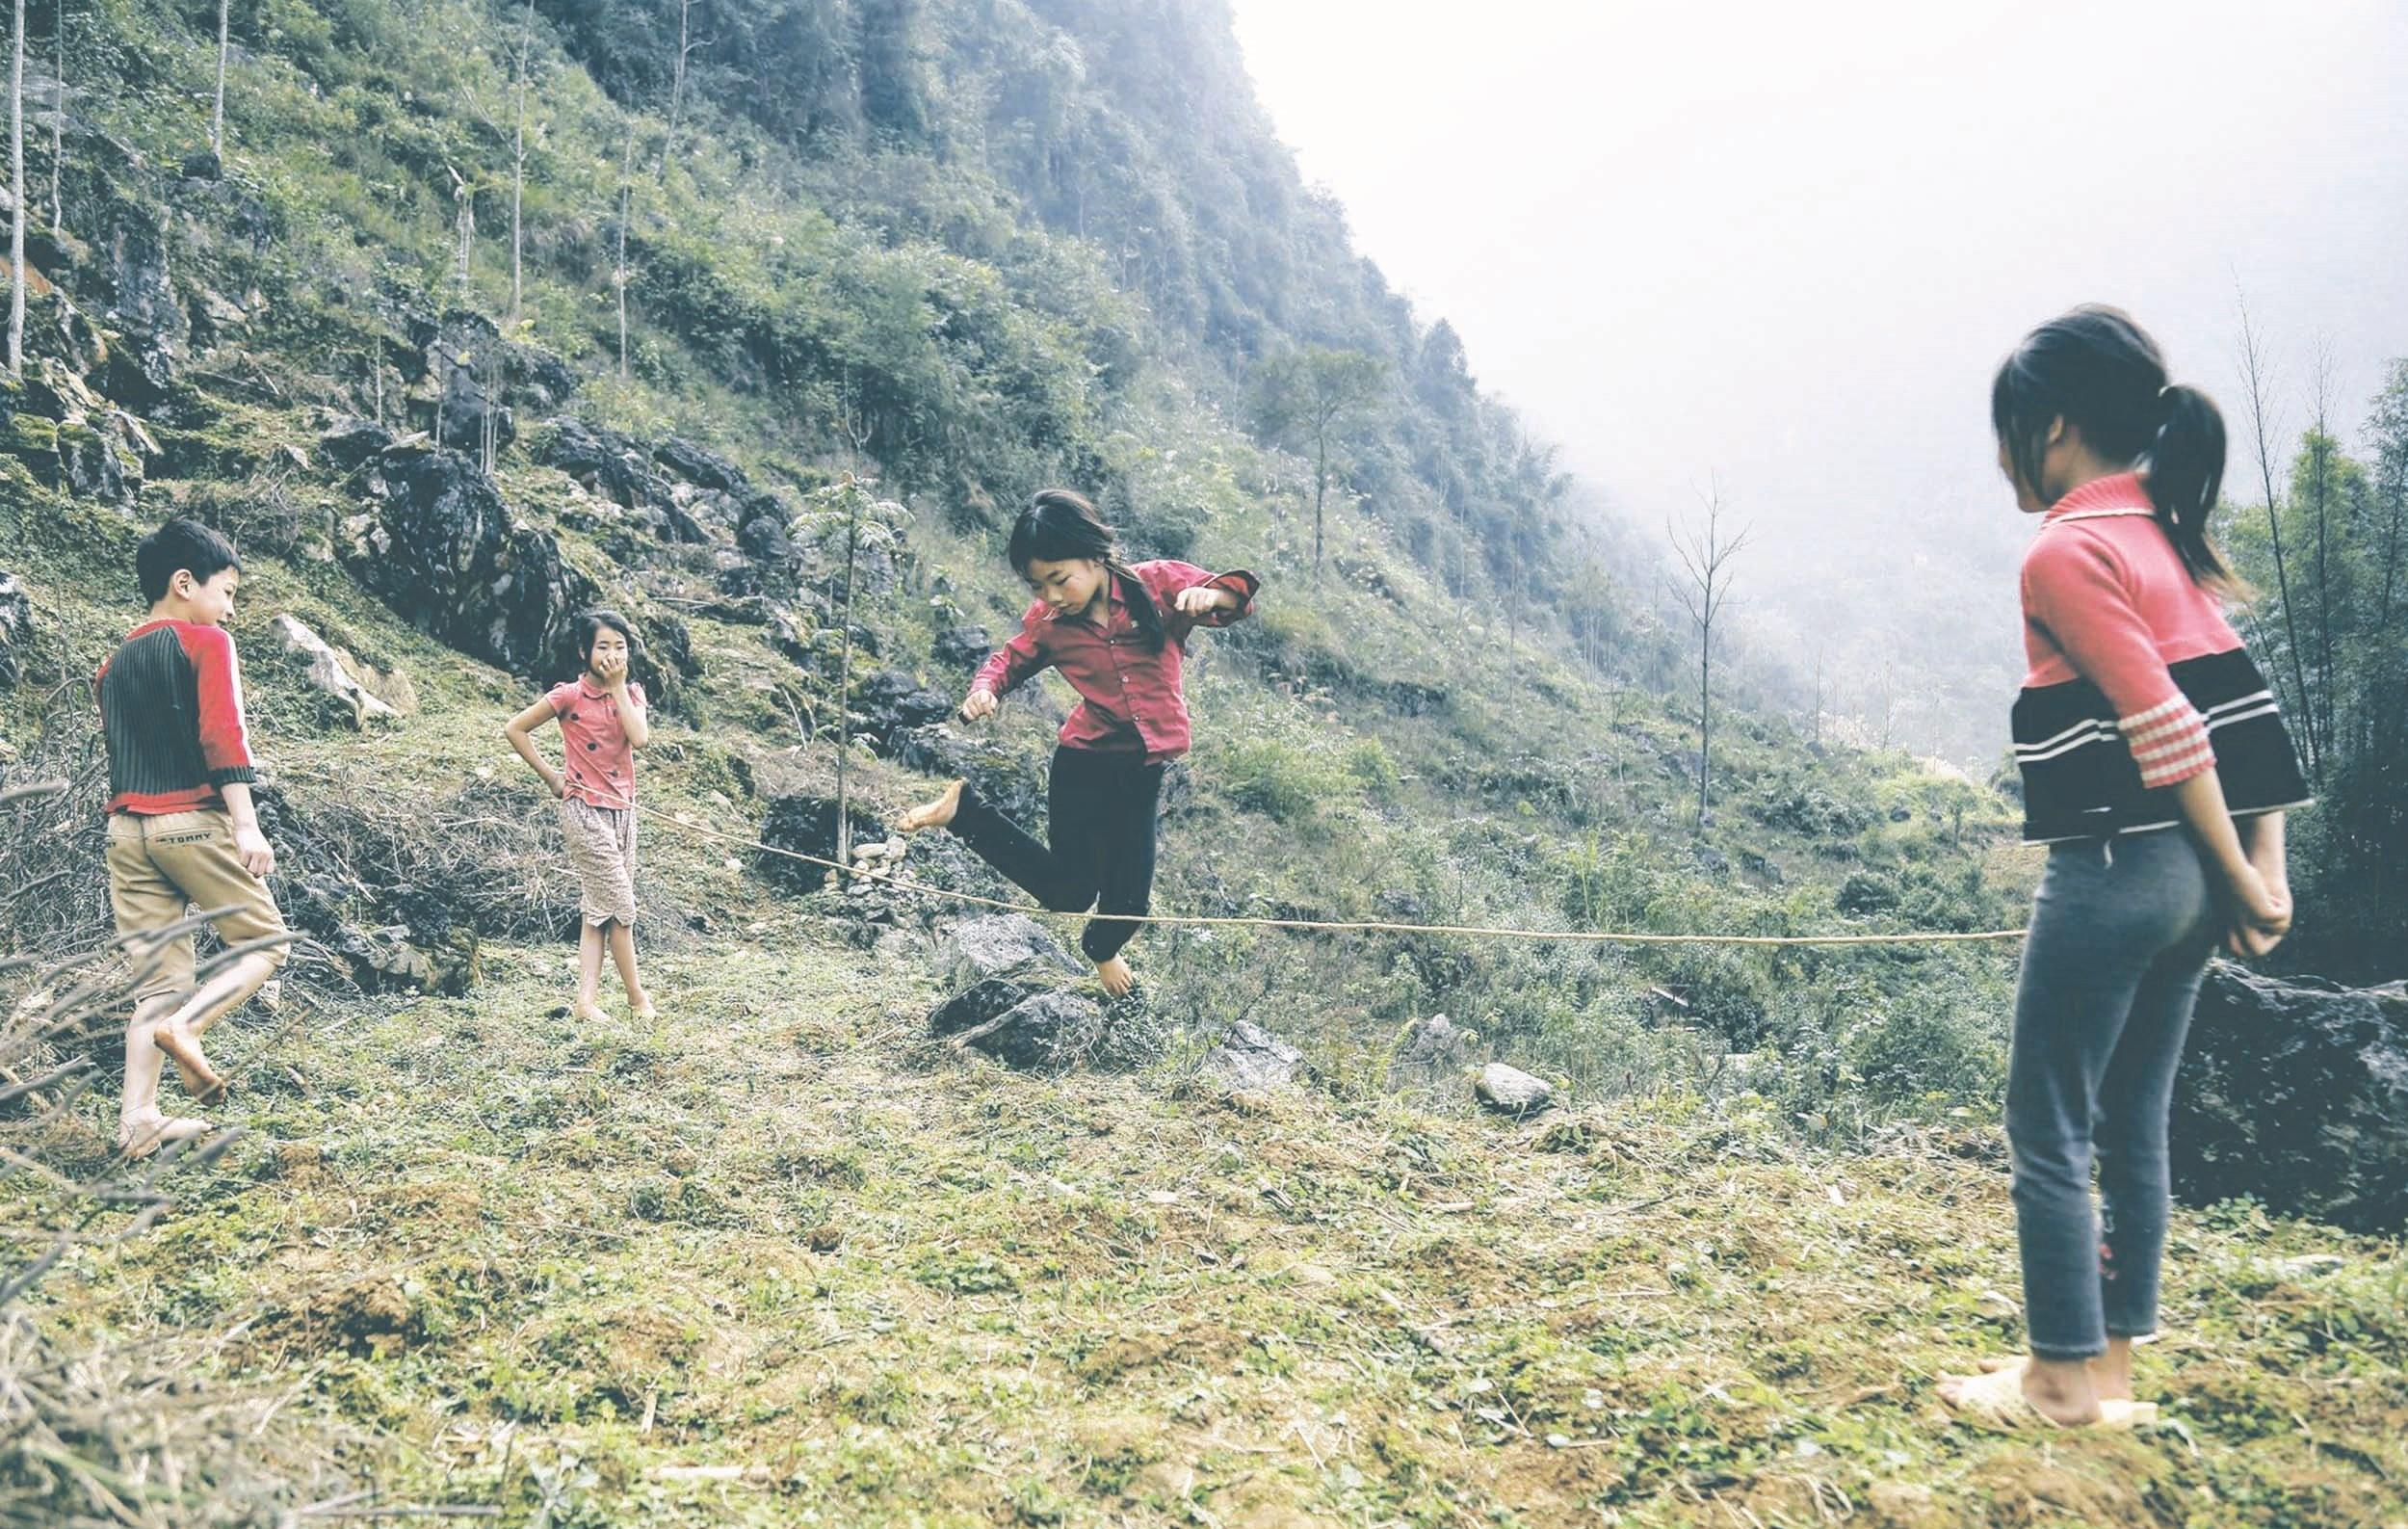 Trẻ em người DTTS ở Cao Bằng tham gia trò chơi nhảy dây